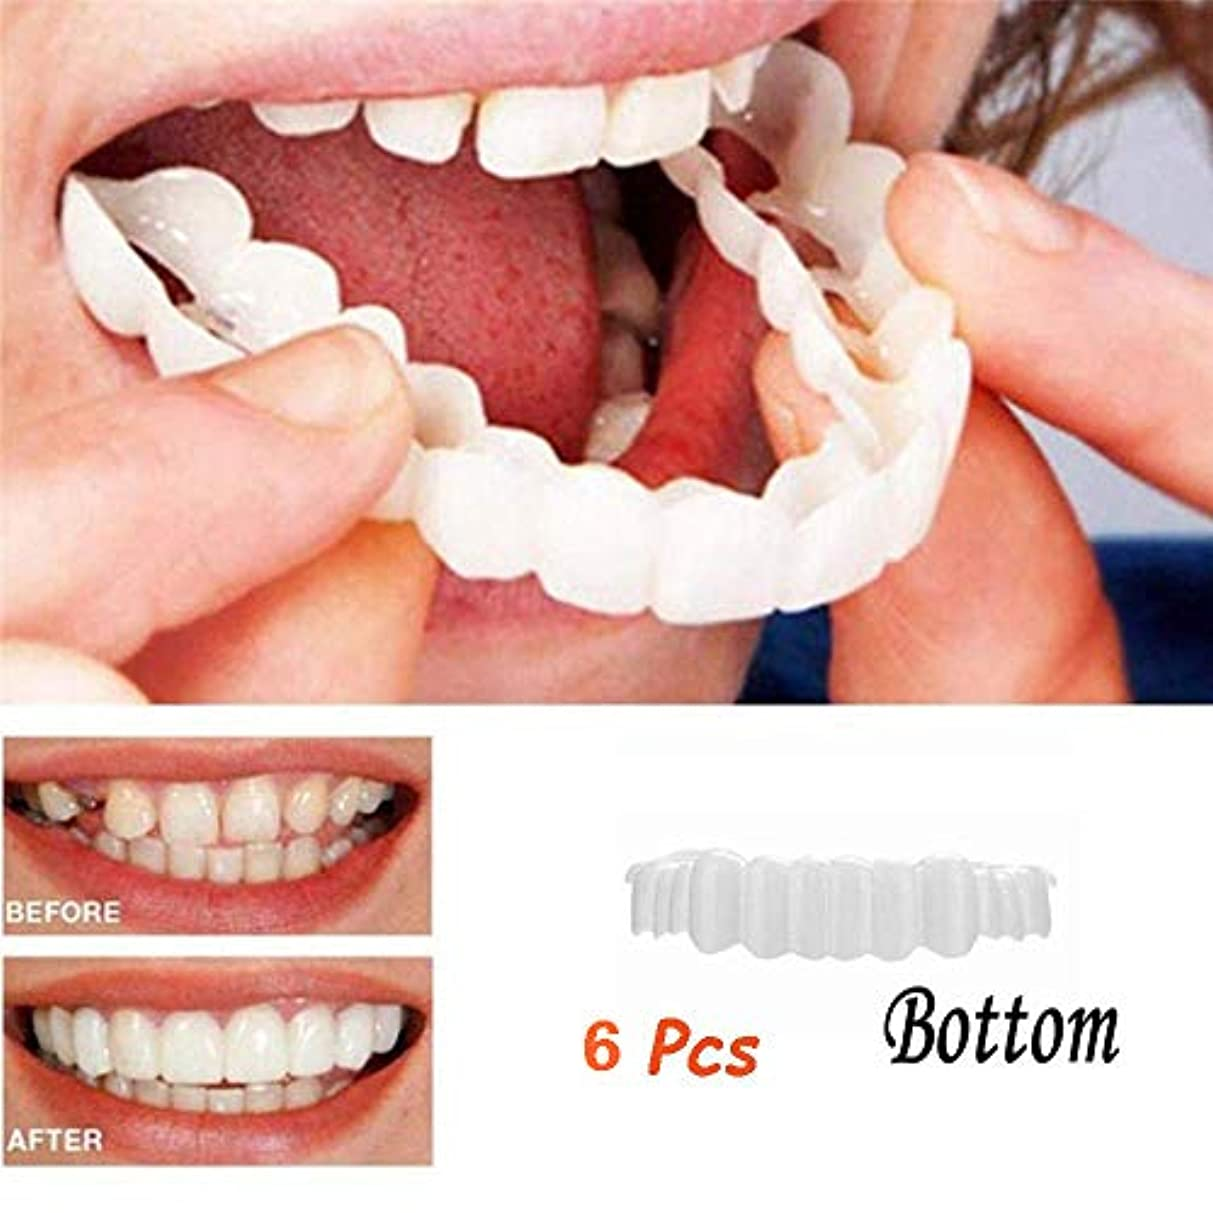 取り替える触覚不純6本底化粧品の歯の快適さフィットフレックス化粧品の歯義歯歯低歯のホワイトニングスナップオンインスタント笑顔サイズフィット